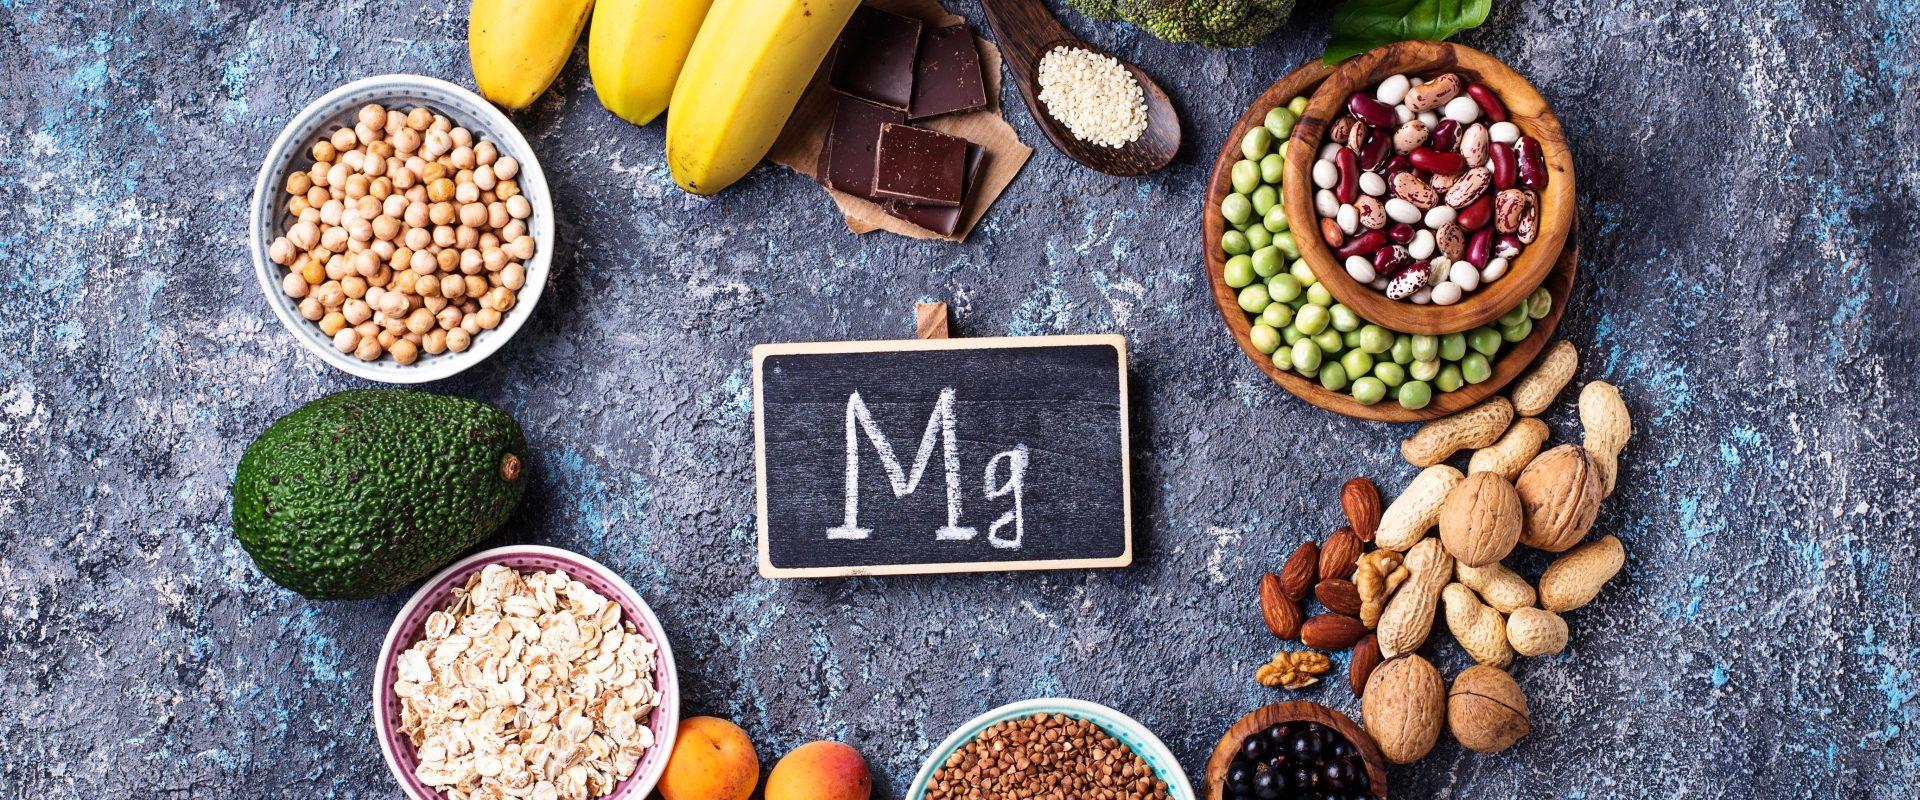 Magnez - w czym jest, gdzie go szukać w diecie? Produkty spożywcze bogate w magnez.